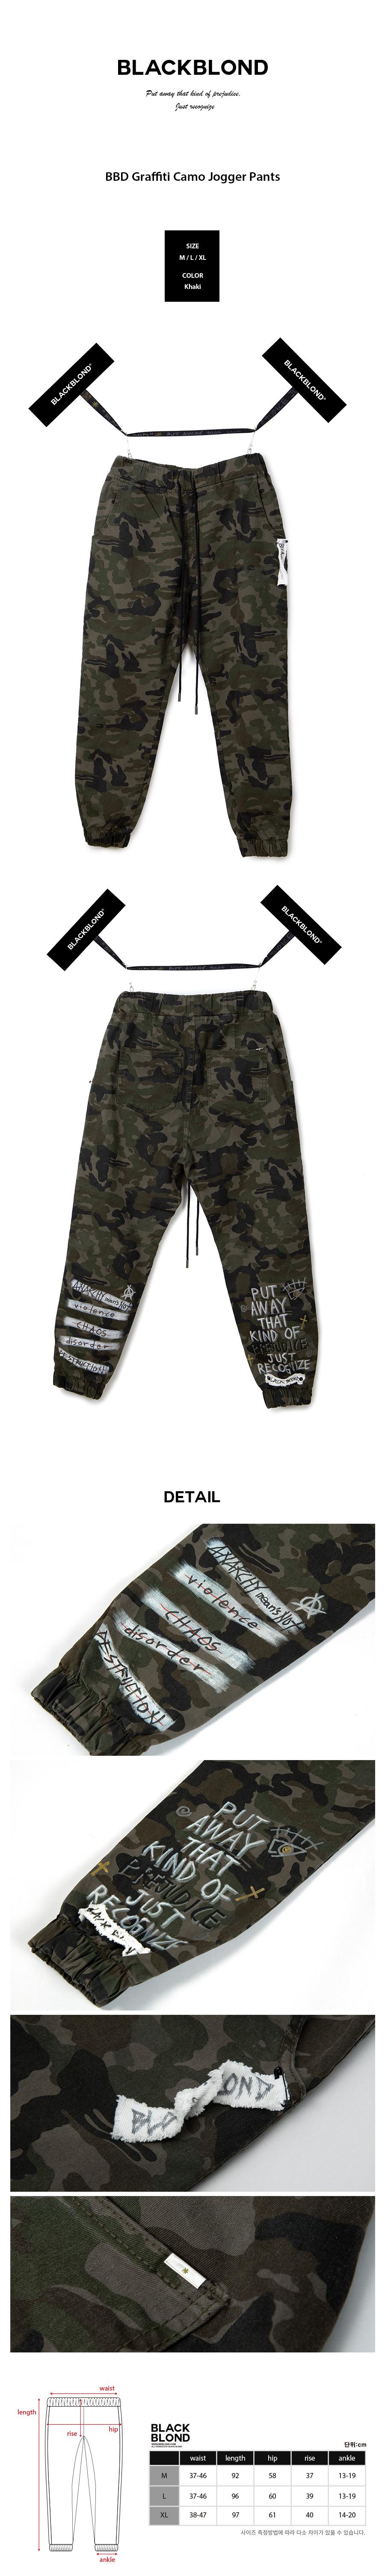 BBD-Graffiti-Camo-Jogger-Pants-%28Khaki%29.jpg